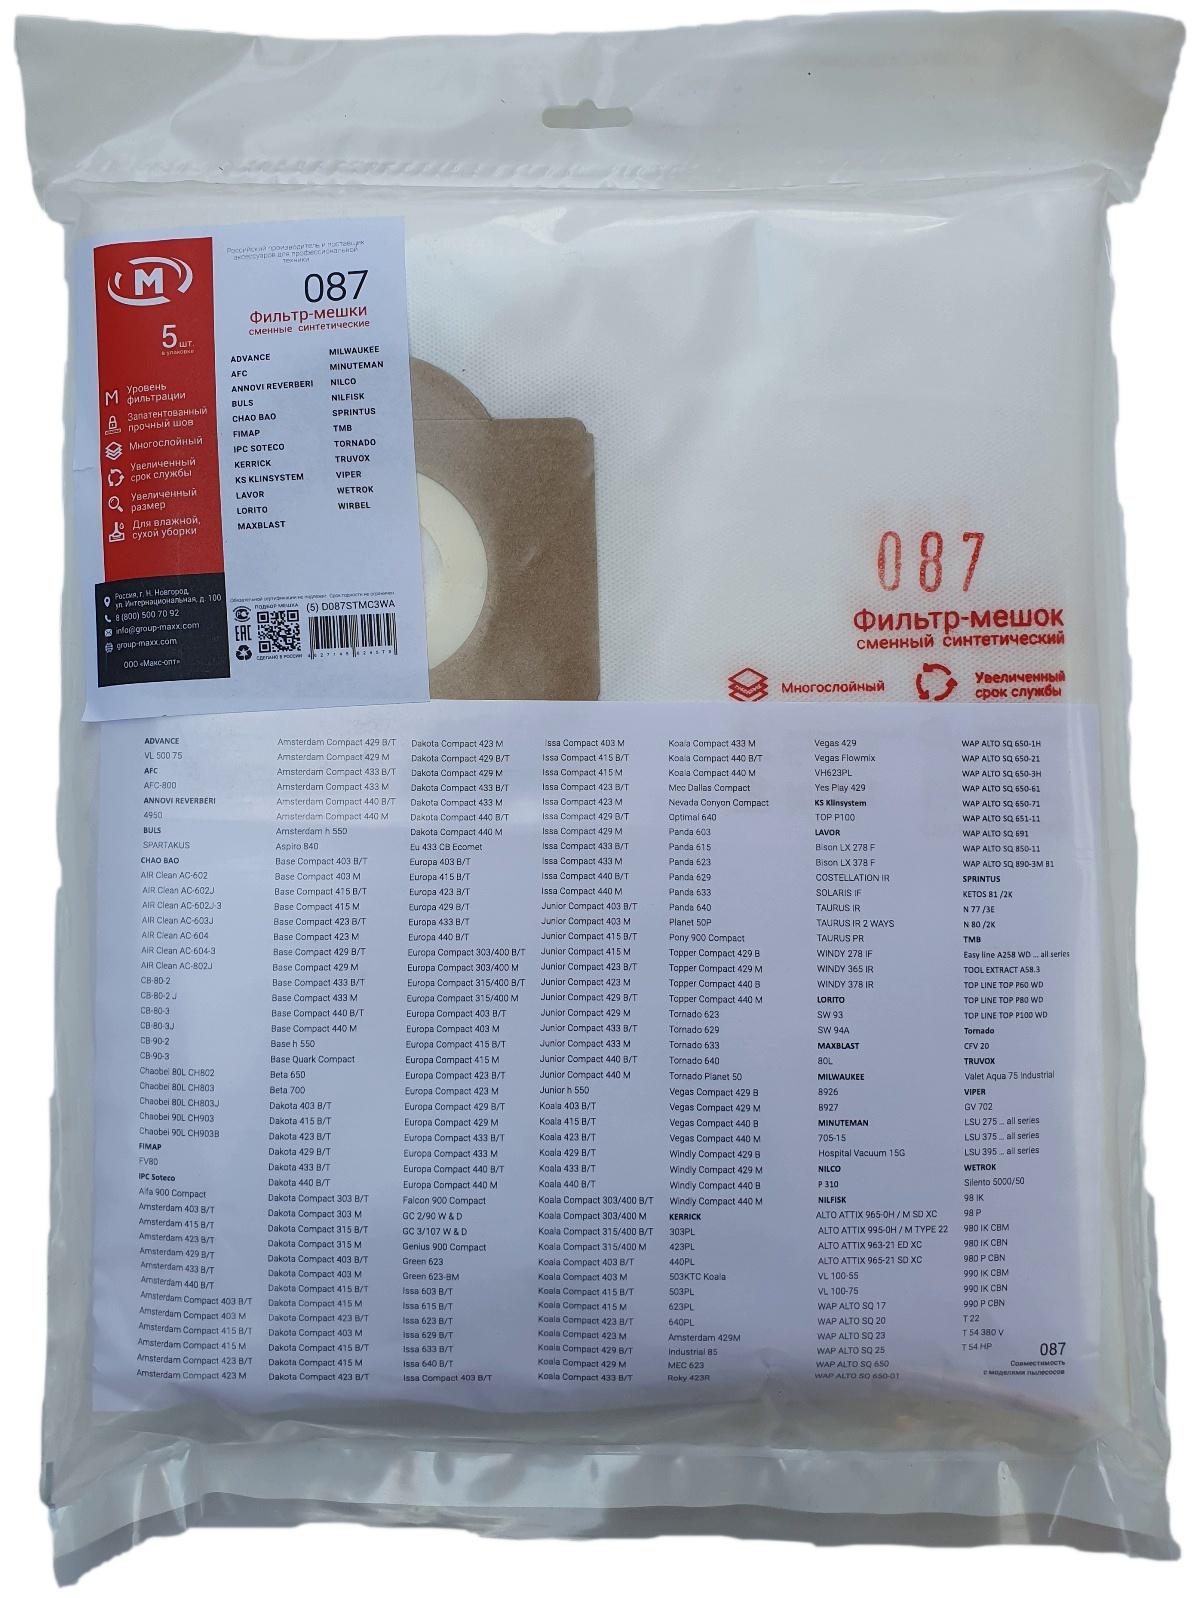 Пылесборники MAXX 087 для промышленных пылесосов, 5 шт. недорго, оригинальная цена